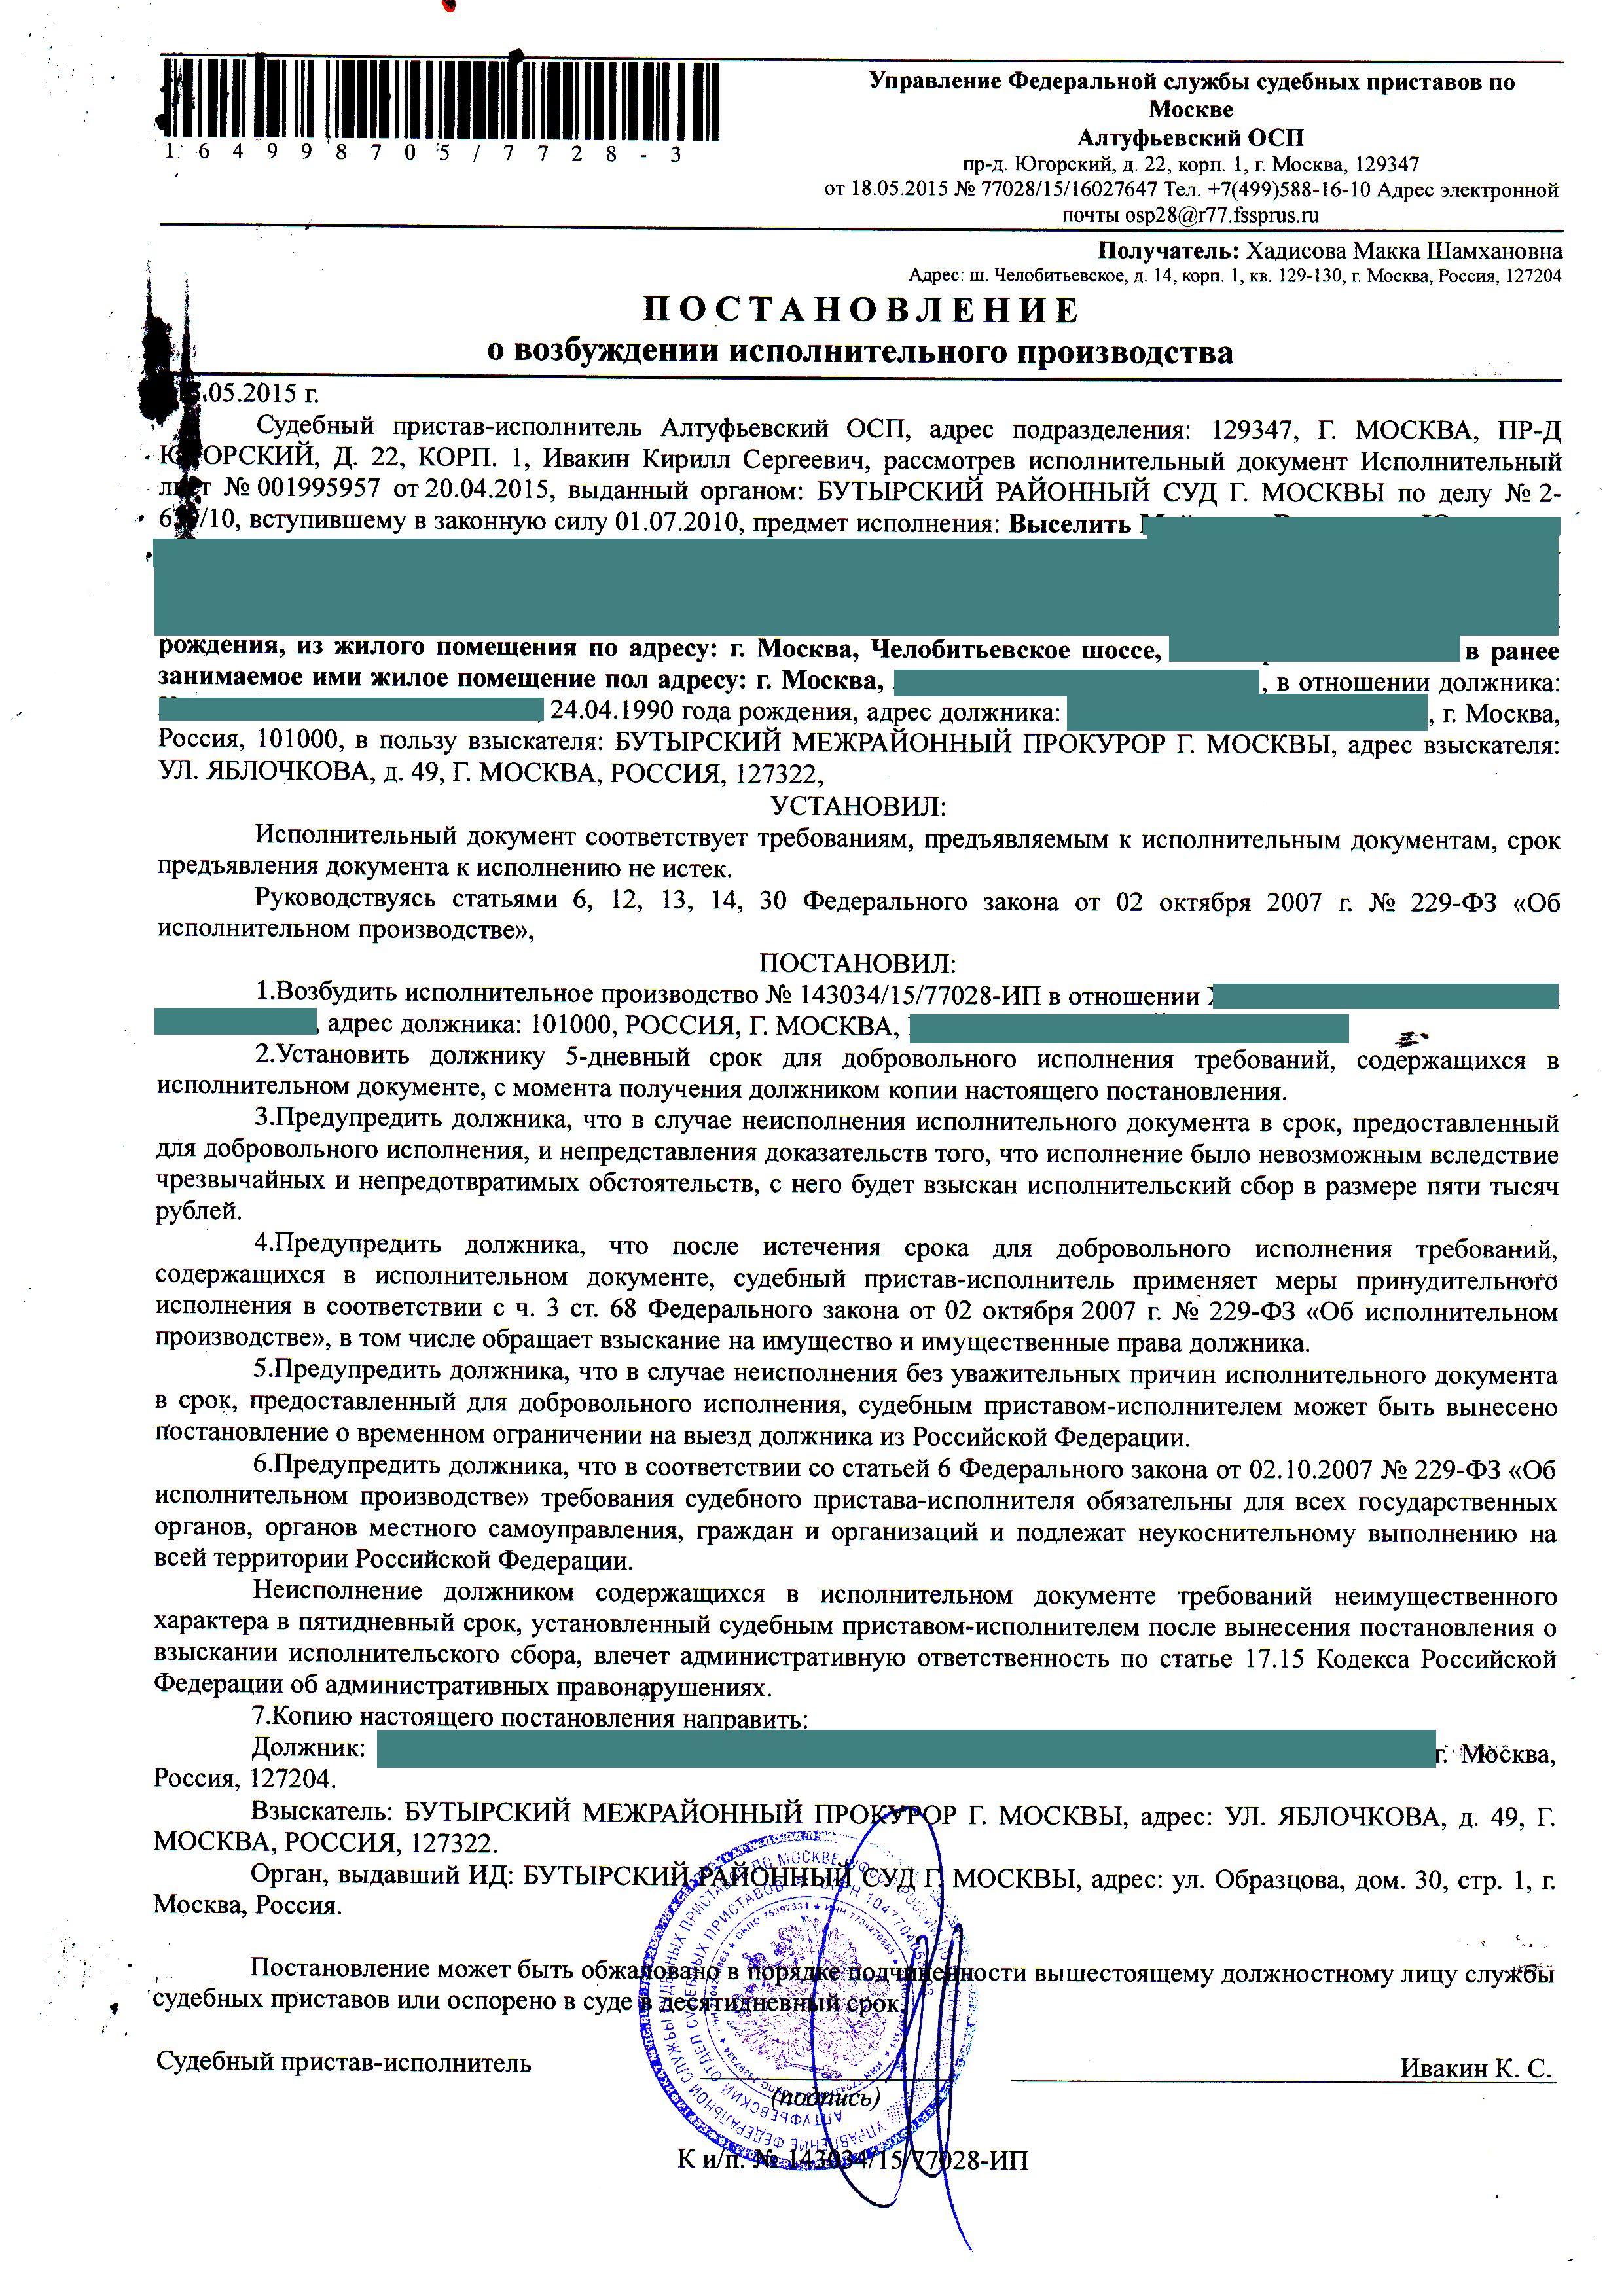 Заявление о невозможности исполнения требований пристава, образец